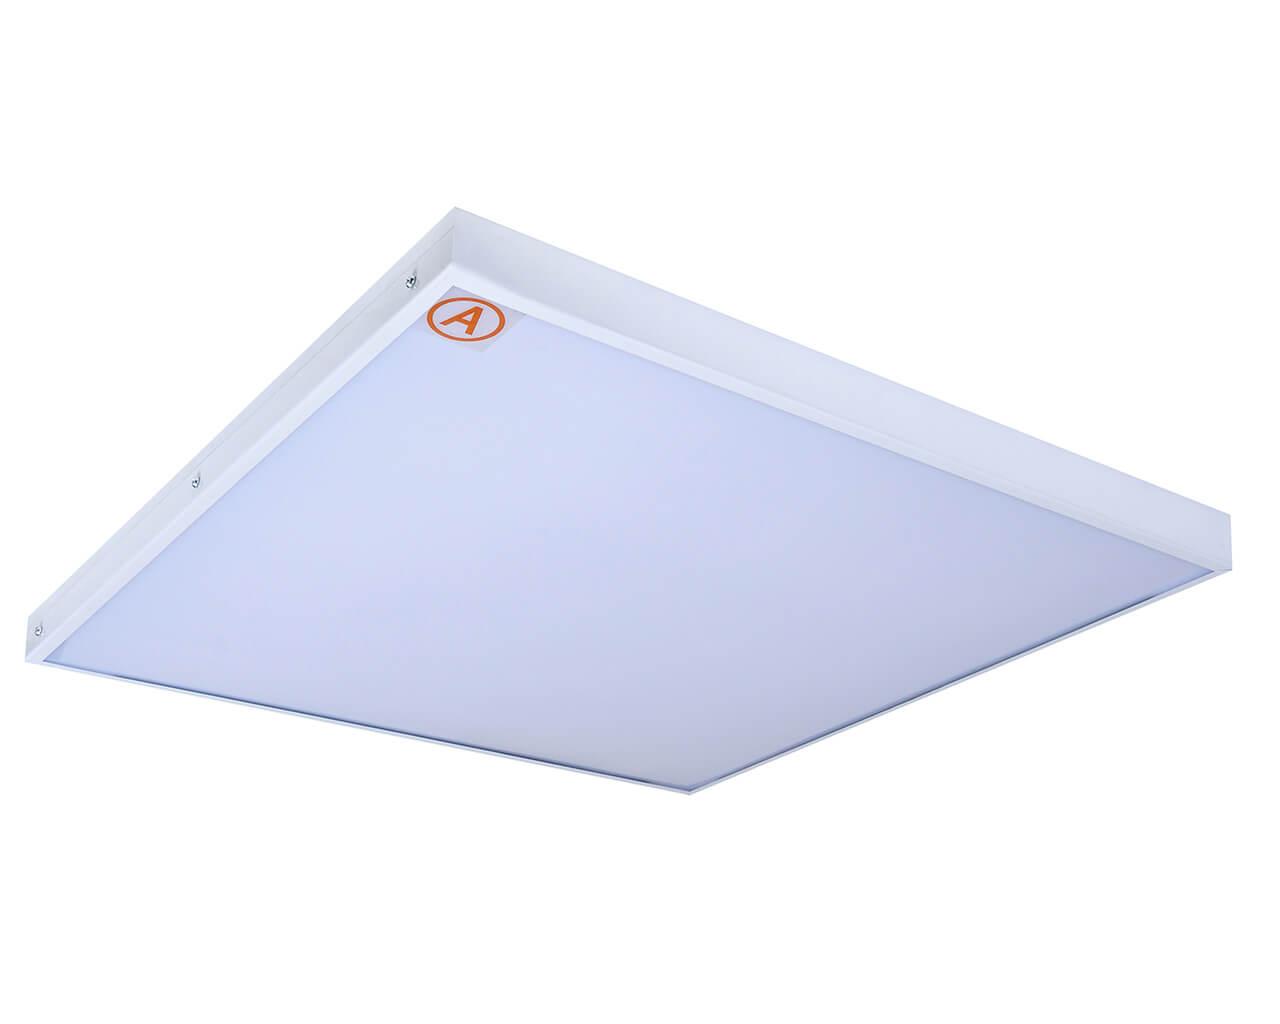 Универсальный светильник LC-US-S80-OP-WW ватт 595x595 Теплый белый Опал с Бап-3 часа